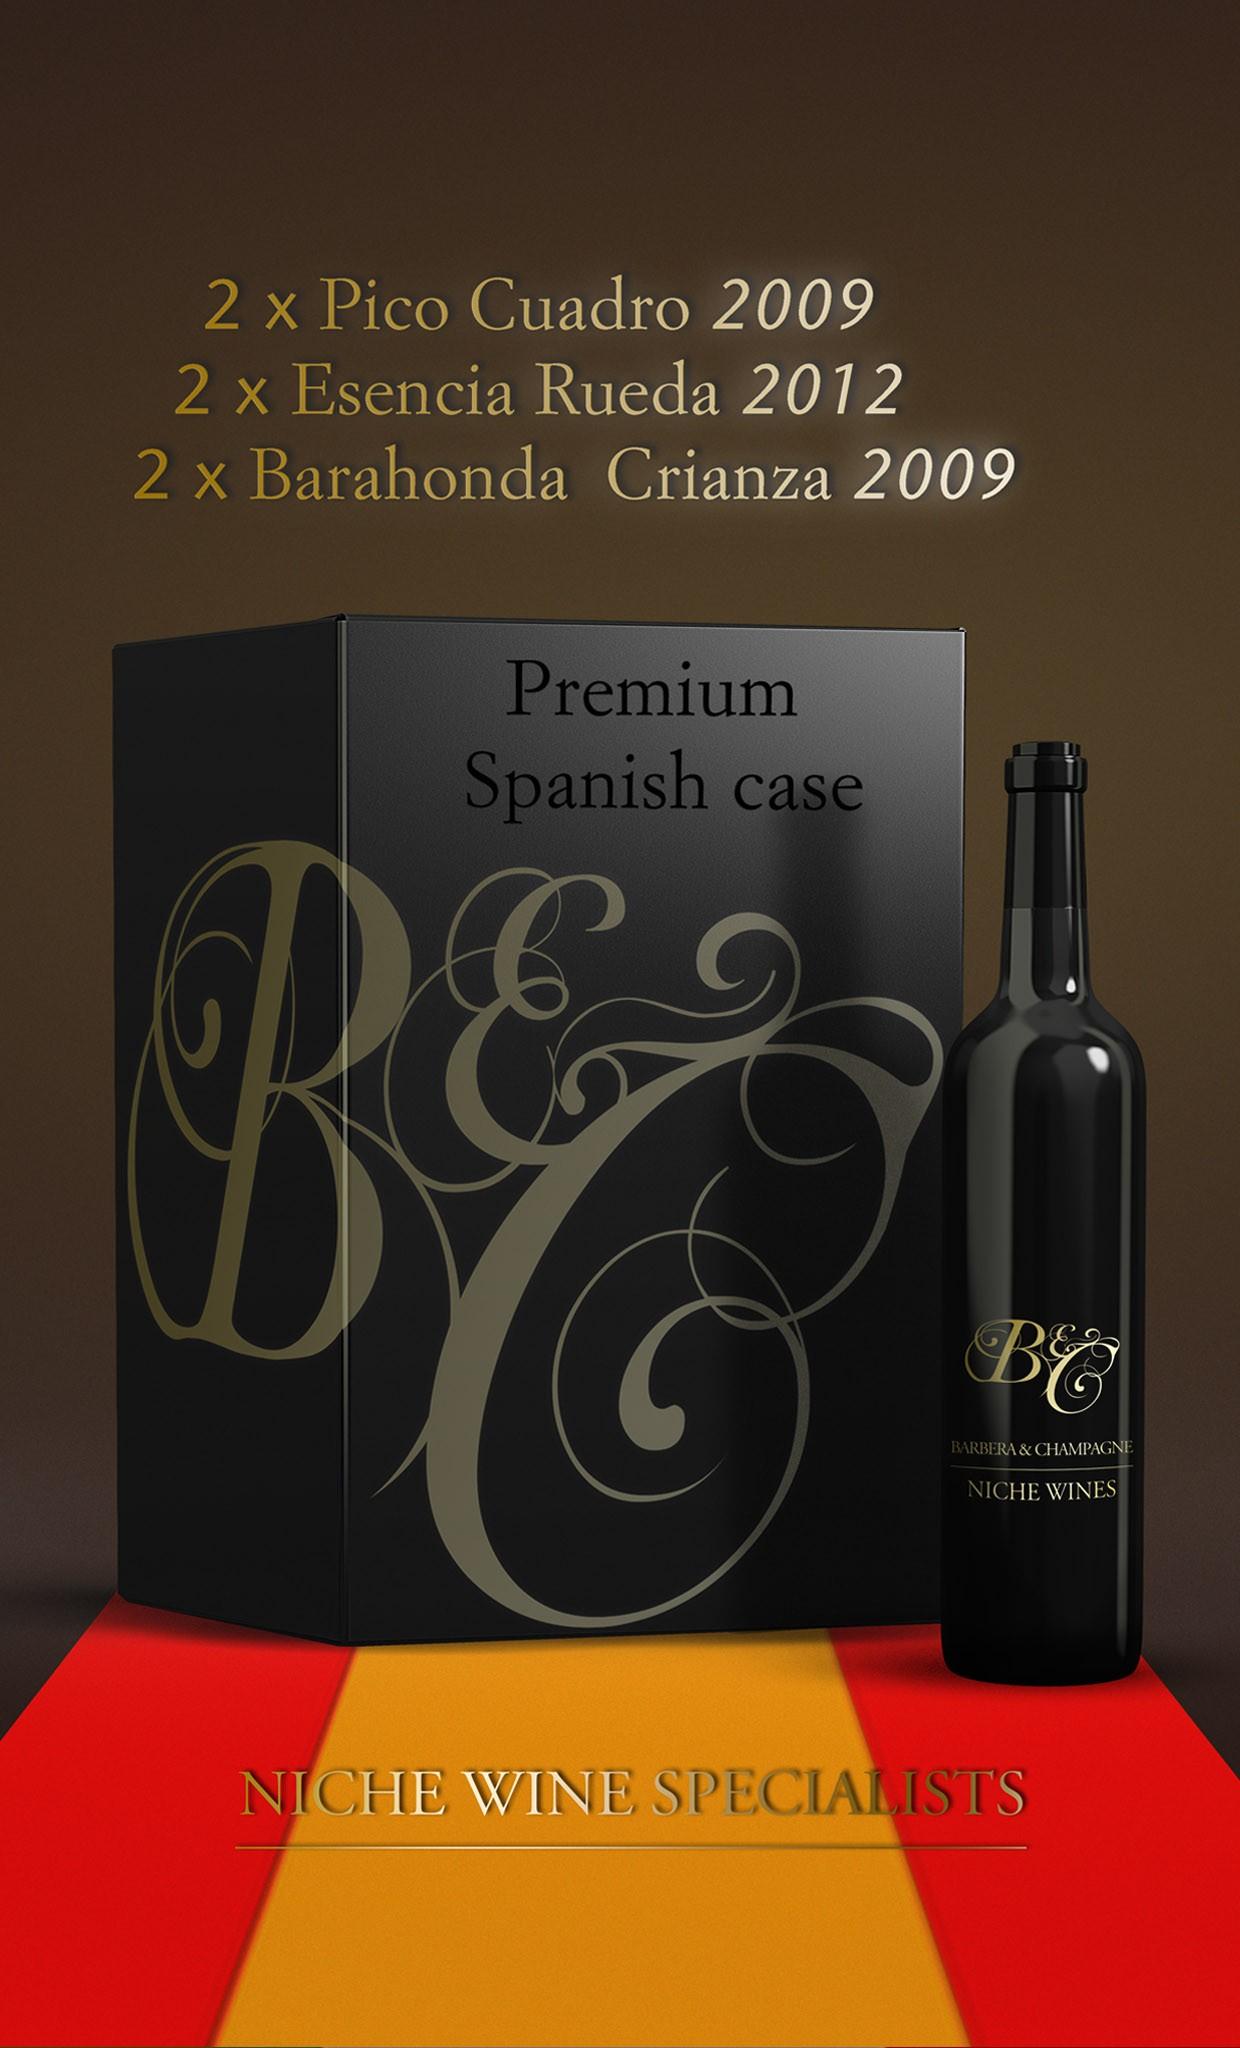 Our Premium Spanish Case